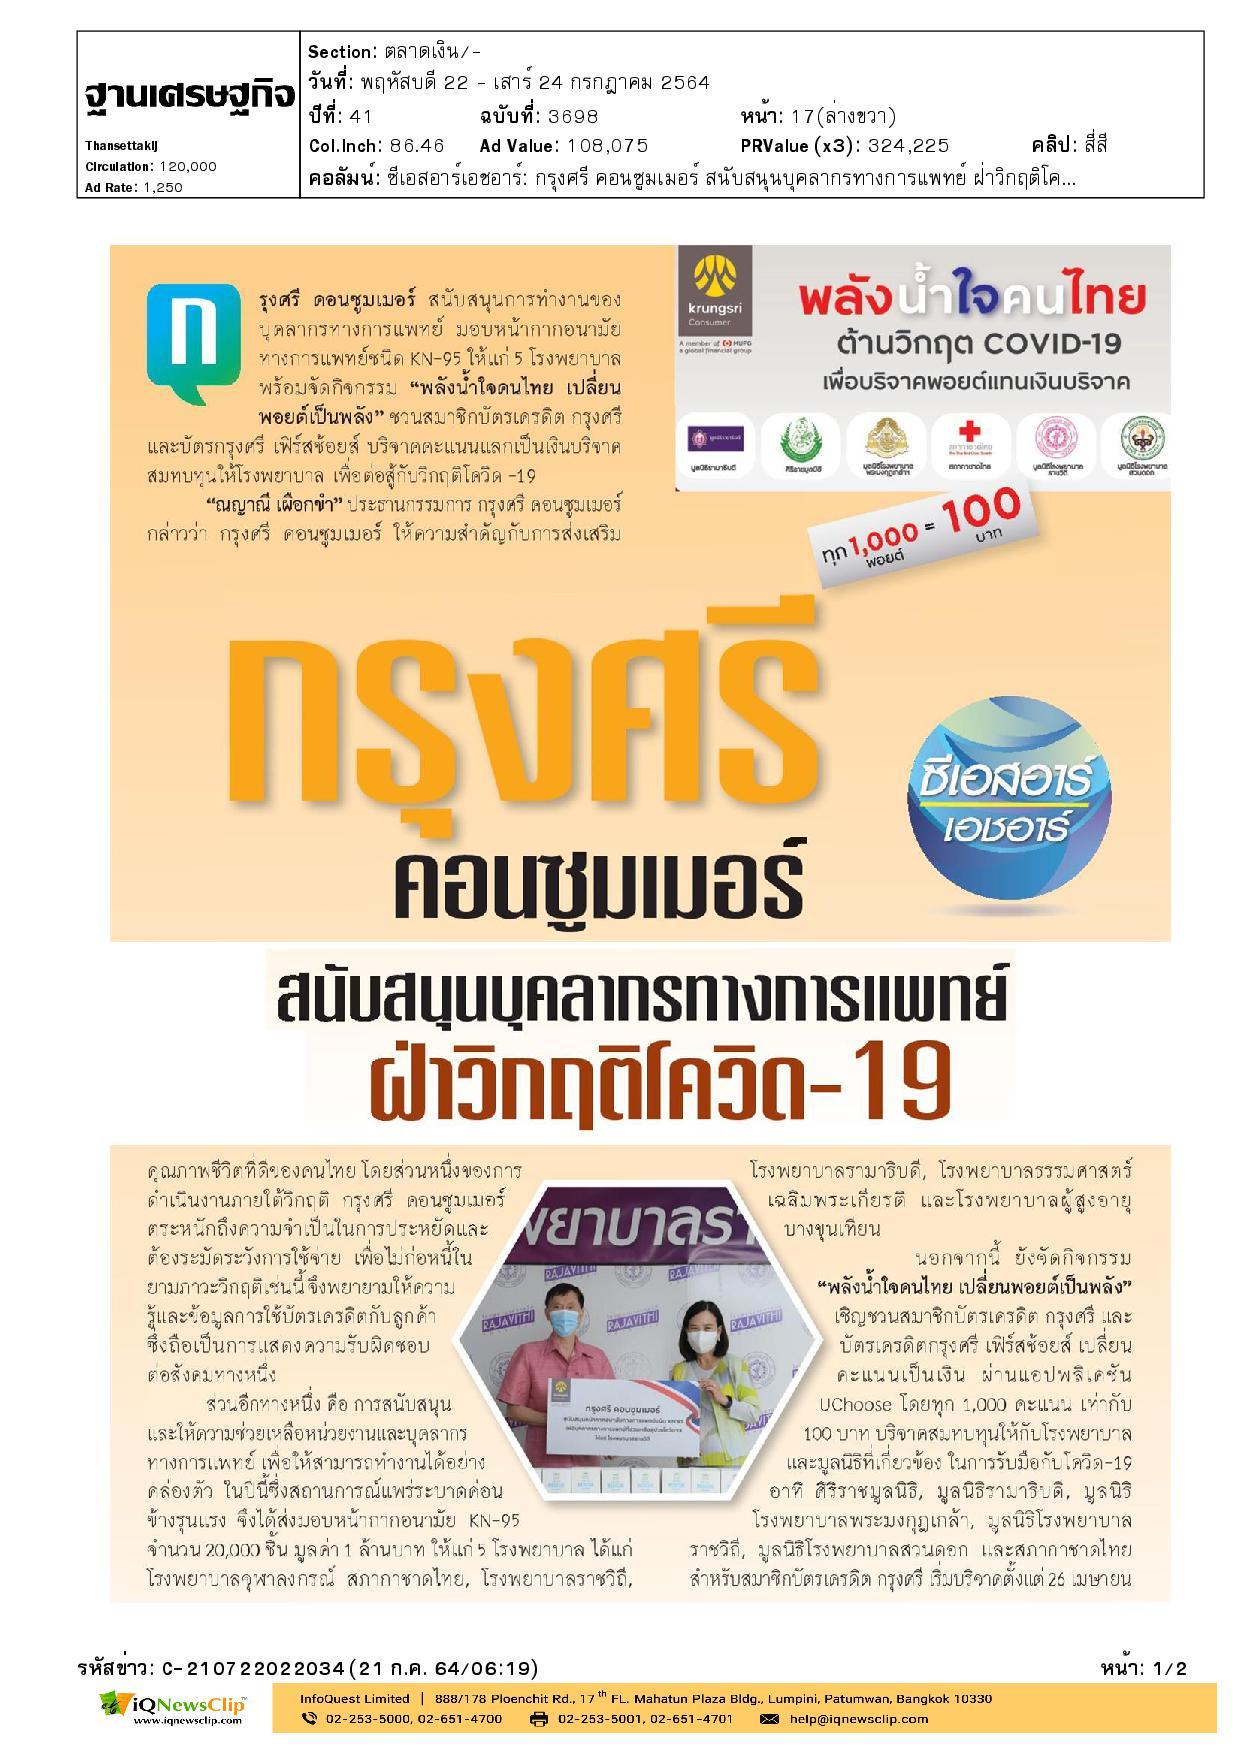 """""""พลังน้ำใจคนไทย เปลี่ยนพอยต์เป็นพลัง"""" บริจาคสมทบทุนให้กับรพ.จุฬาฯ"""